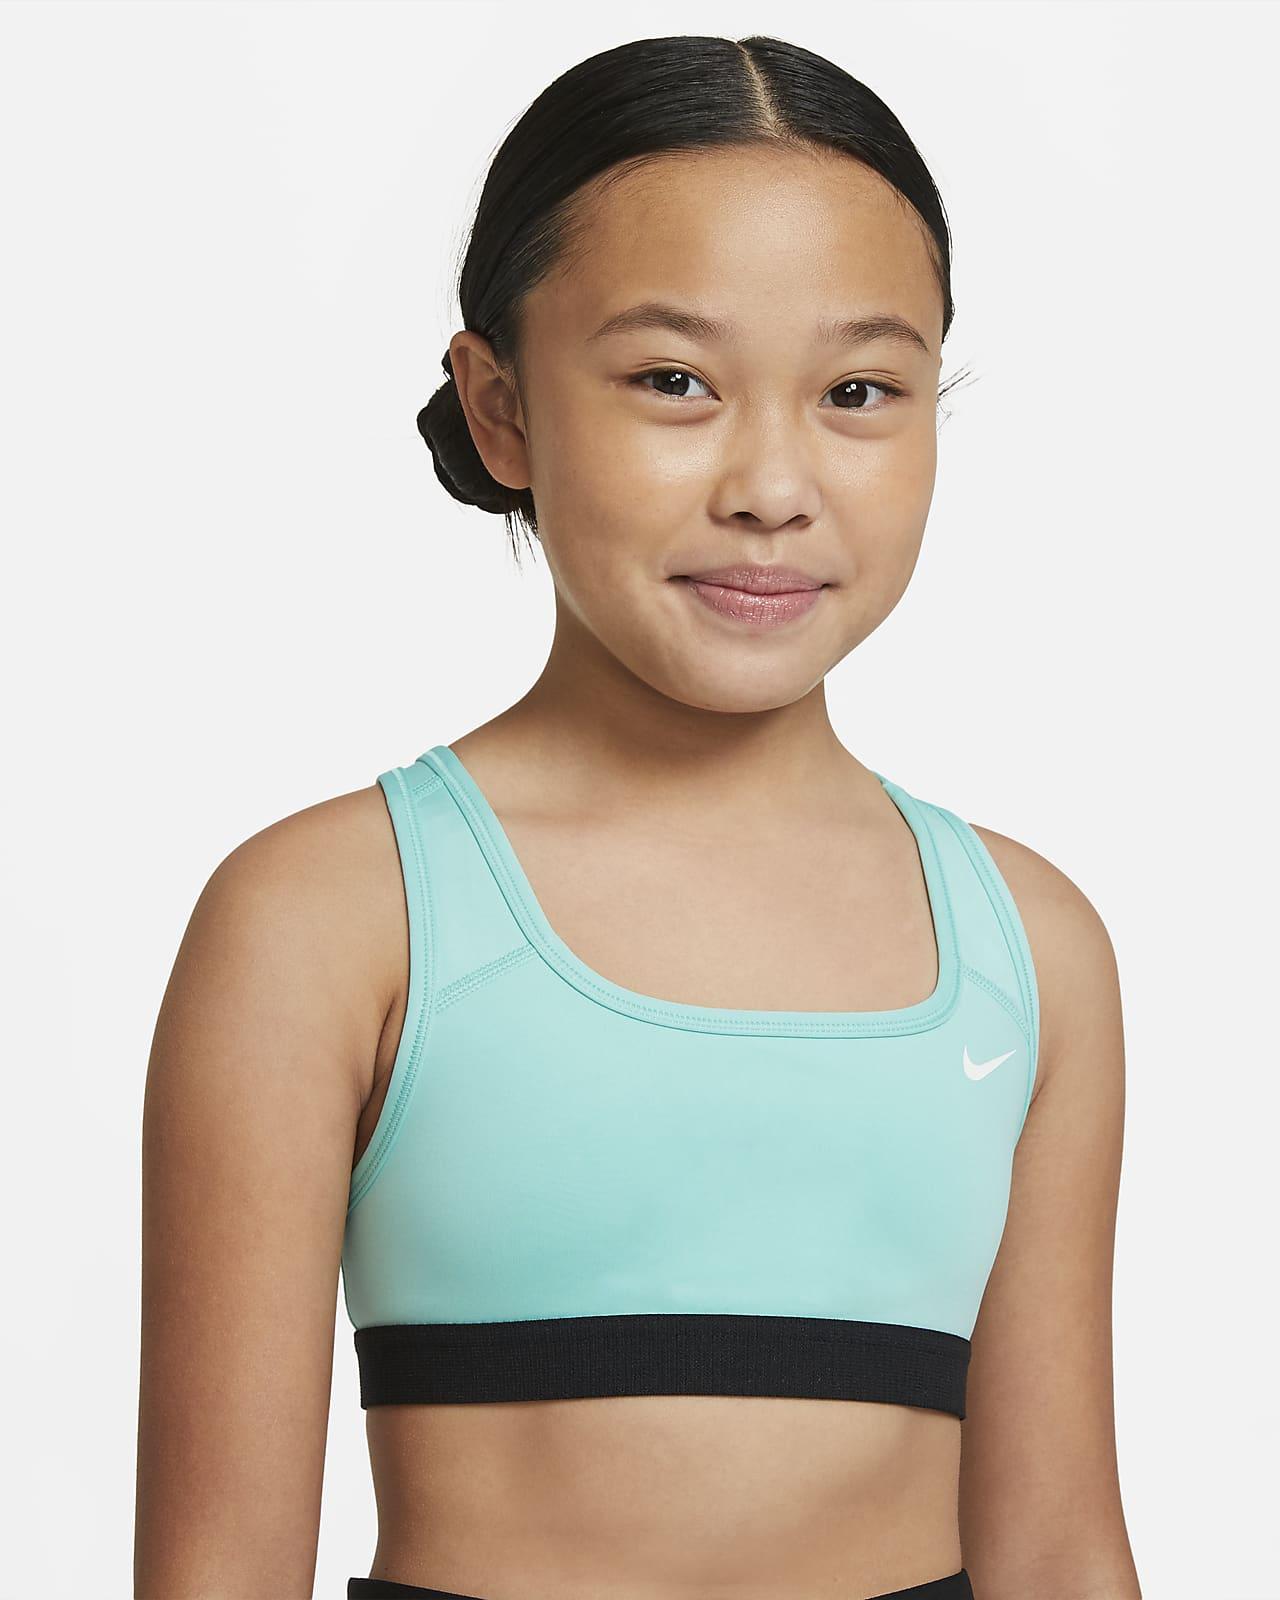 Αθλητικός στηθόδεσμος Nike Swoosh για μεγάλα κορίτσια